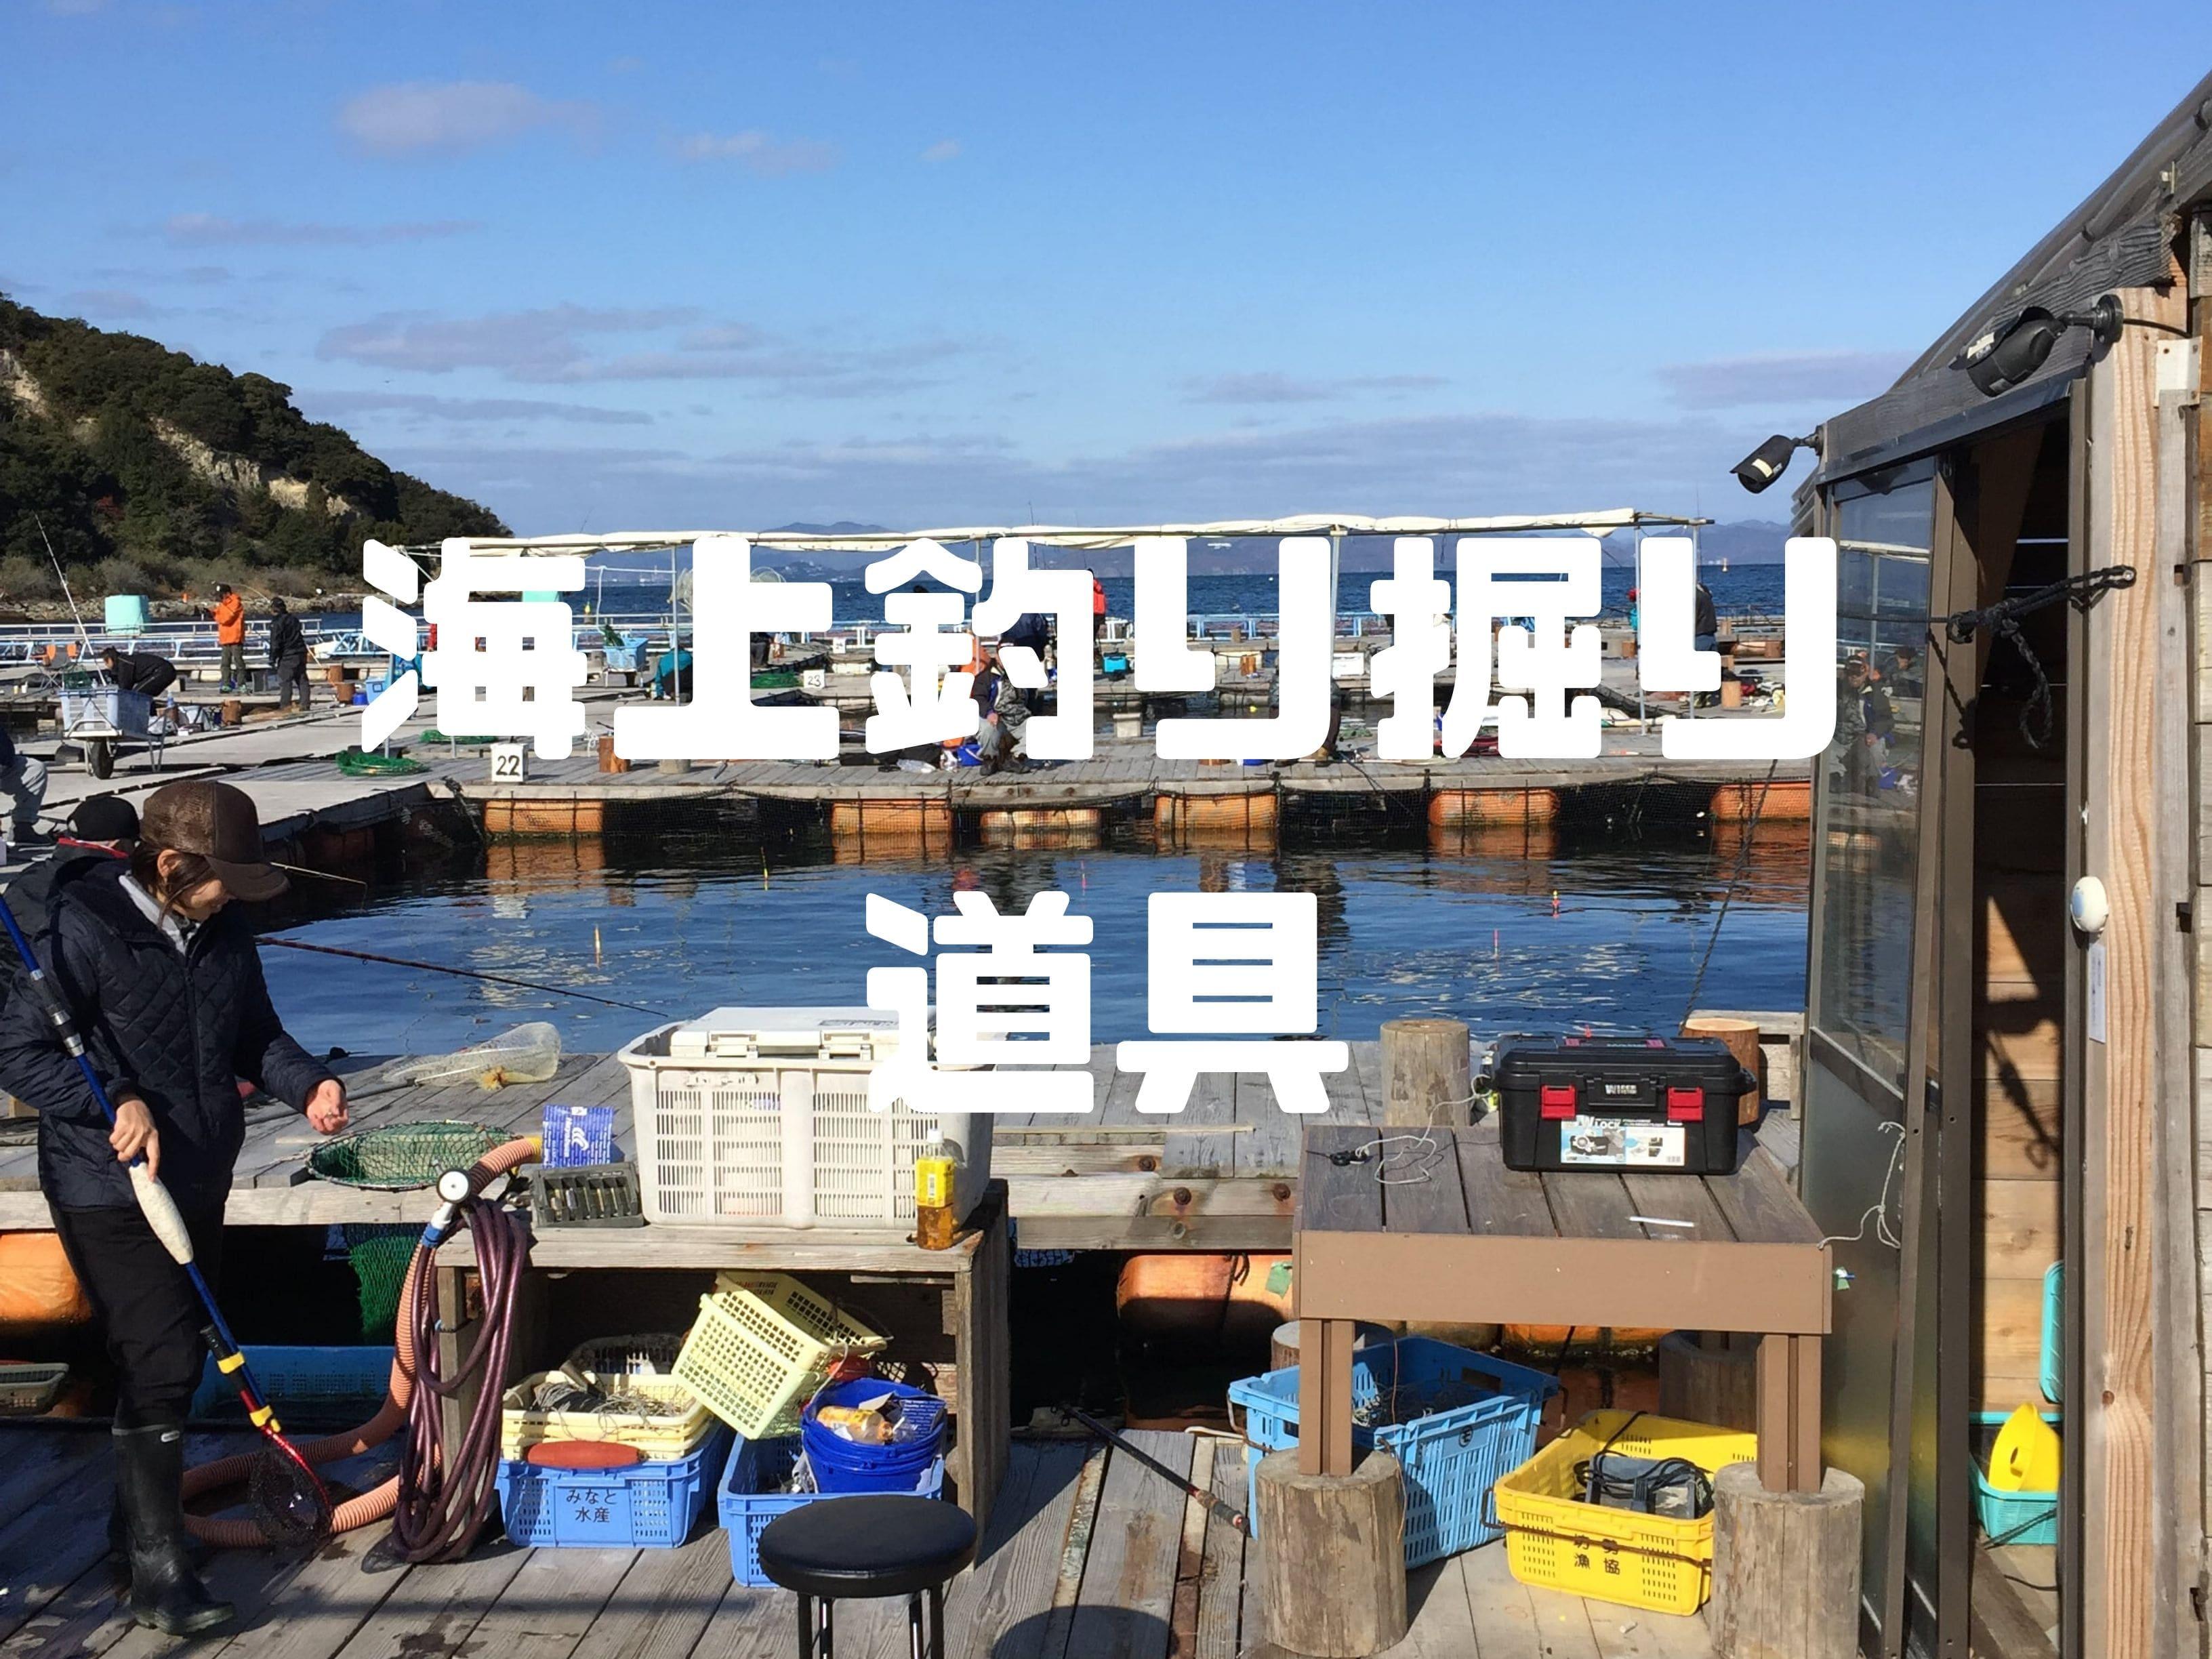 【海上釣り掘り初挑戦】既存の釣具で海上釣り掘りに行く方法